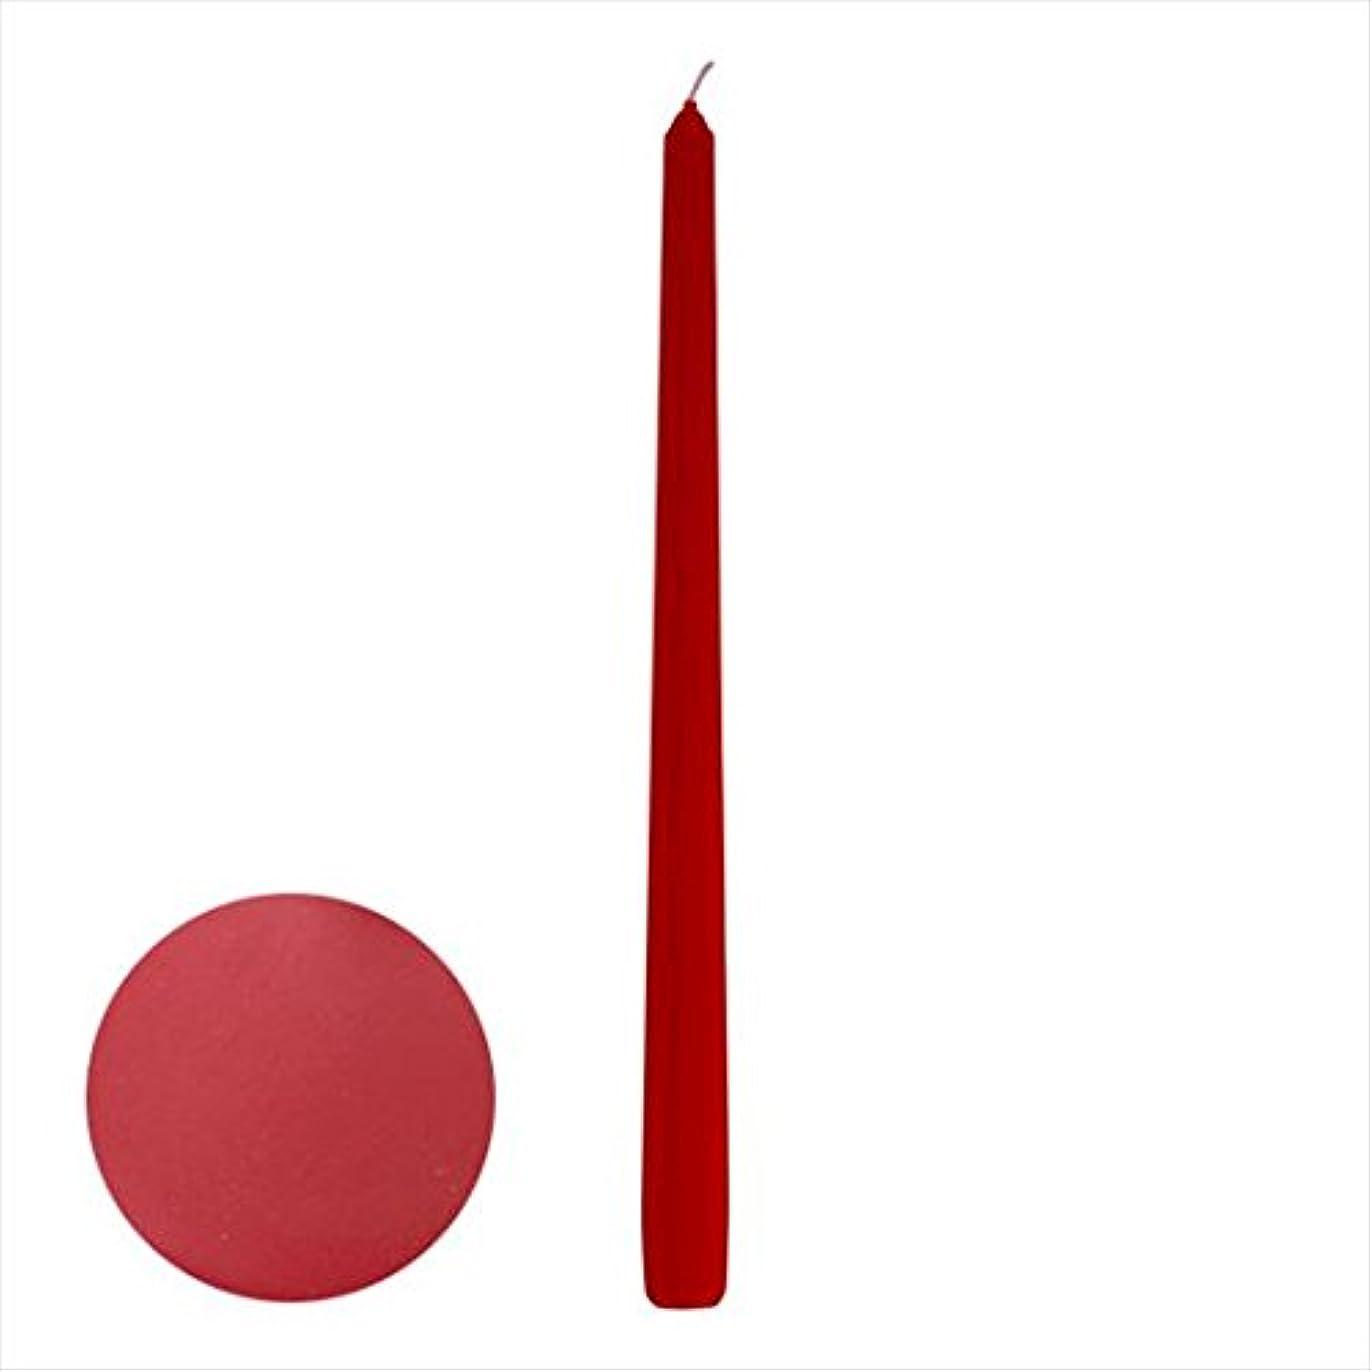 認知輸血間接的カメヤマキャンドル(kameyama candle) 12インチテーパー 「 ダークレッド 」 12本入り